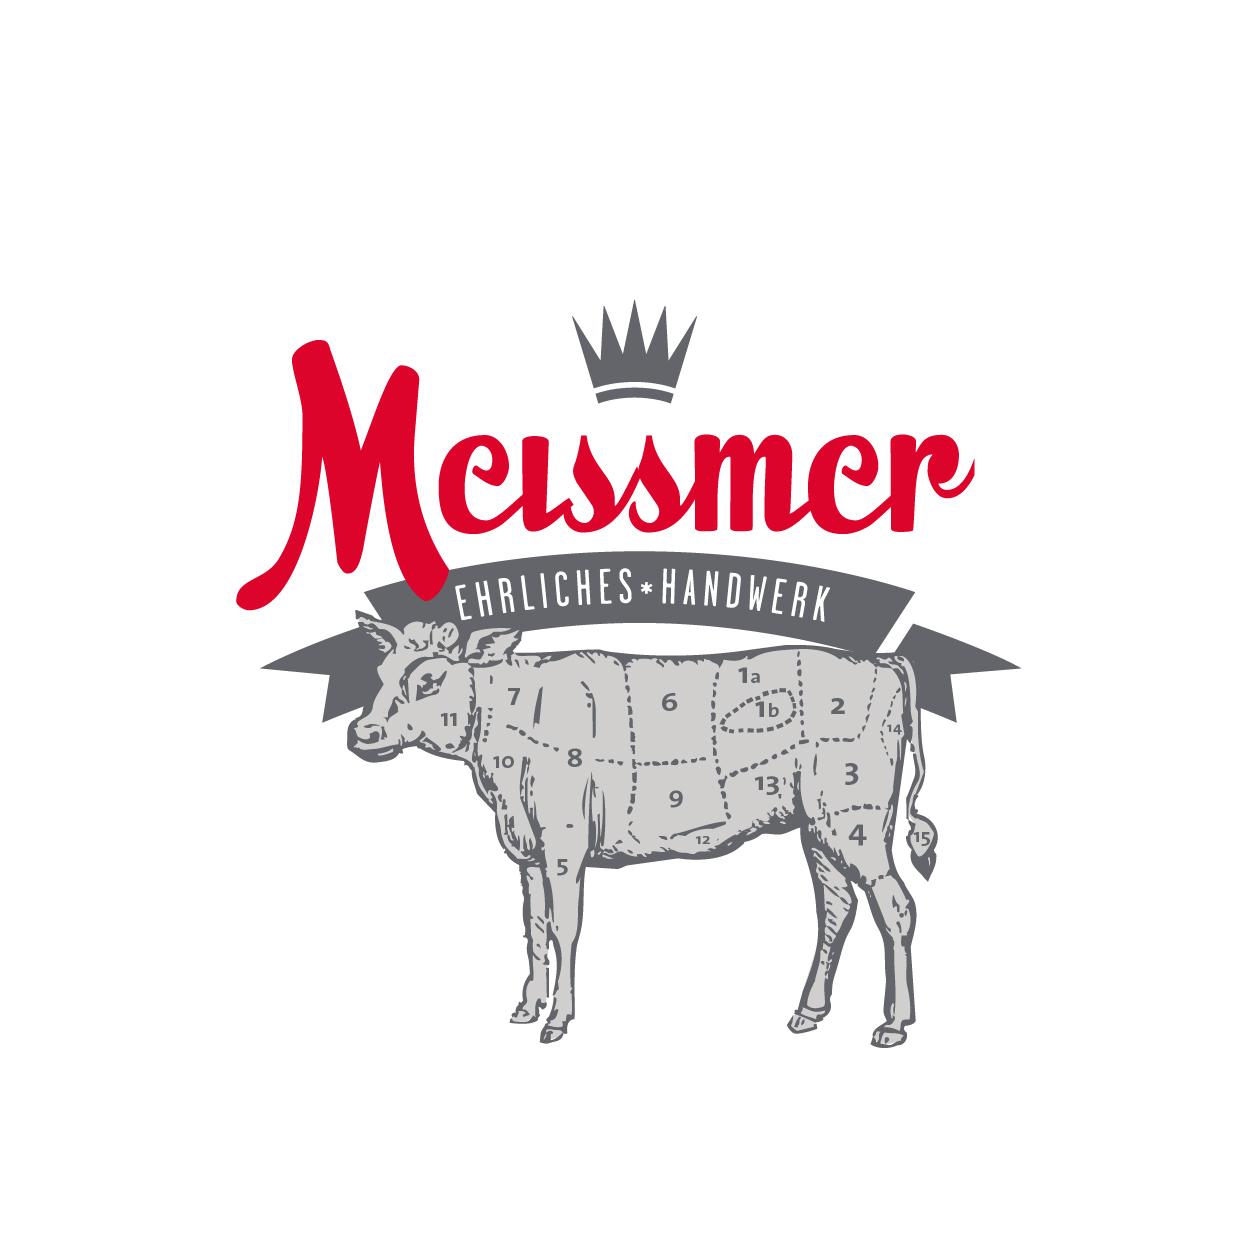 Logo_meissmer_Zeichenfläche 1.jpg